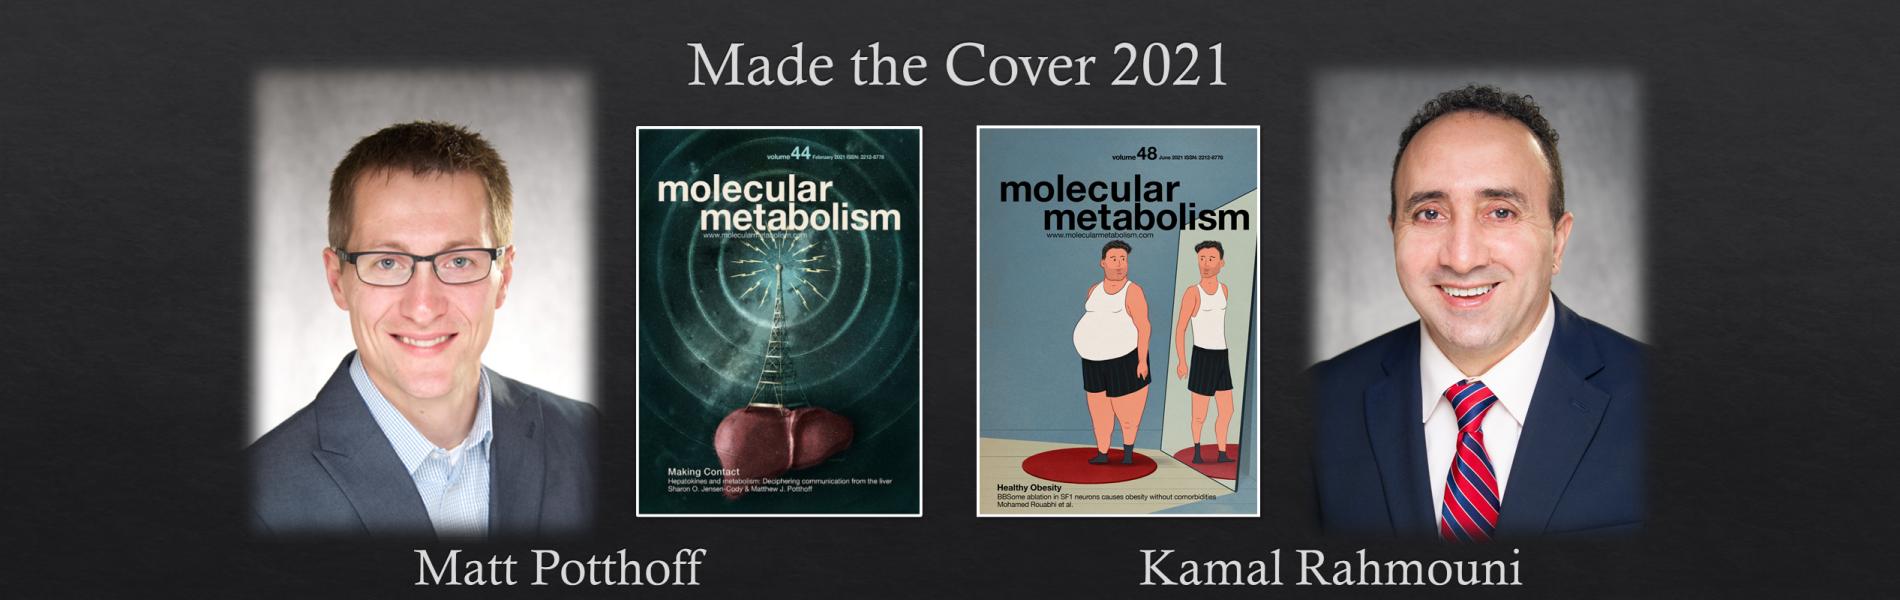 Publication made the cover_Potthoff & Rahmouni